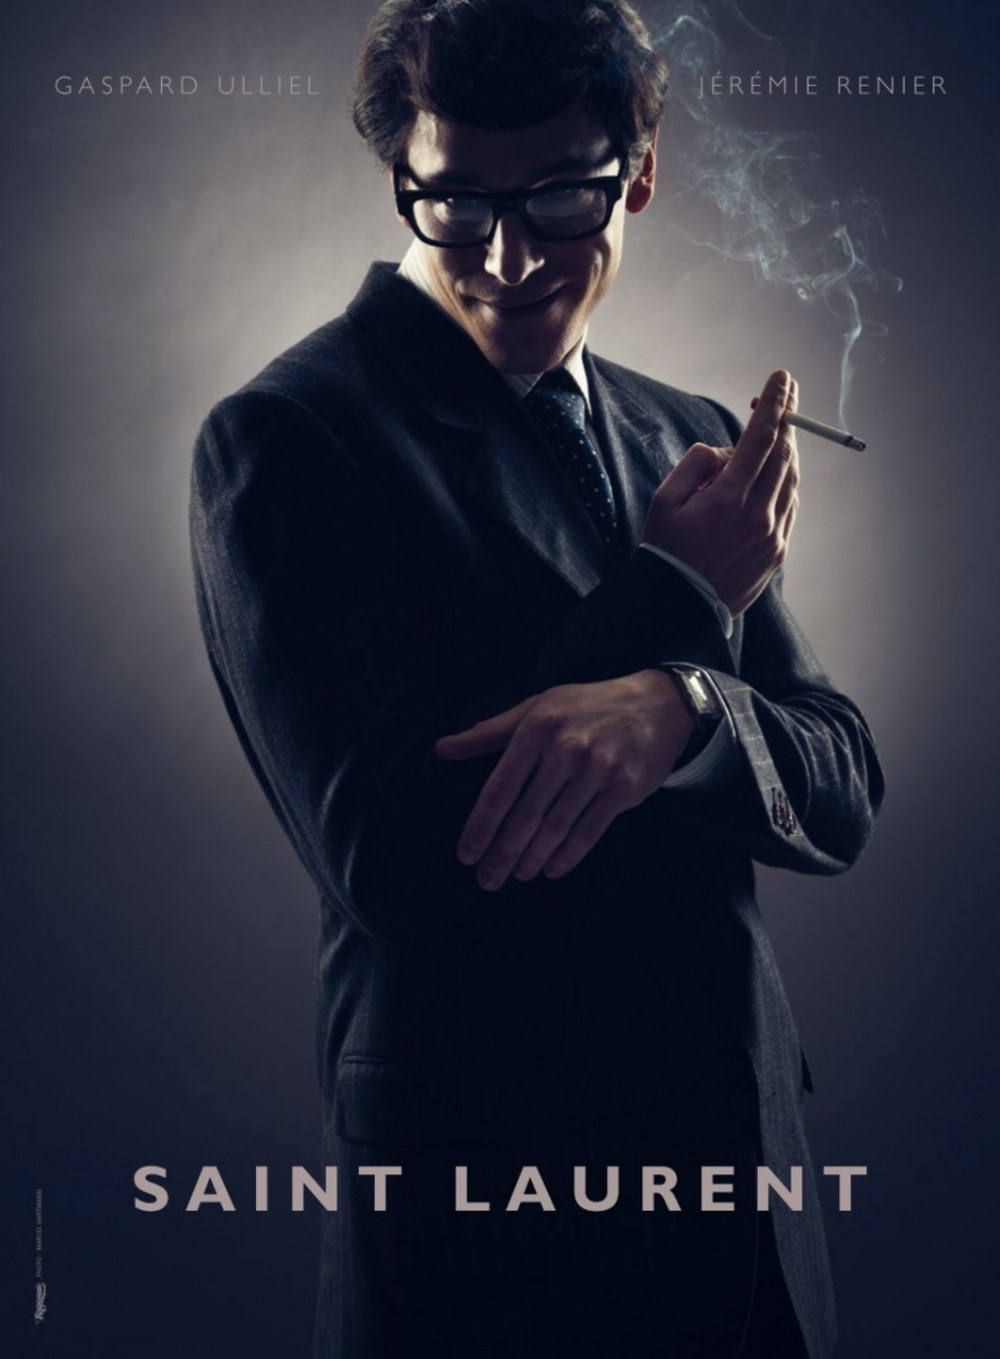 画像: http://www.thefashionisto.com/mixed-response-cannes-saint-laurent-biopic/